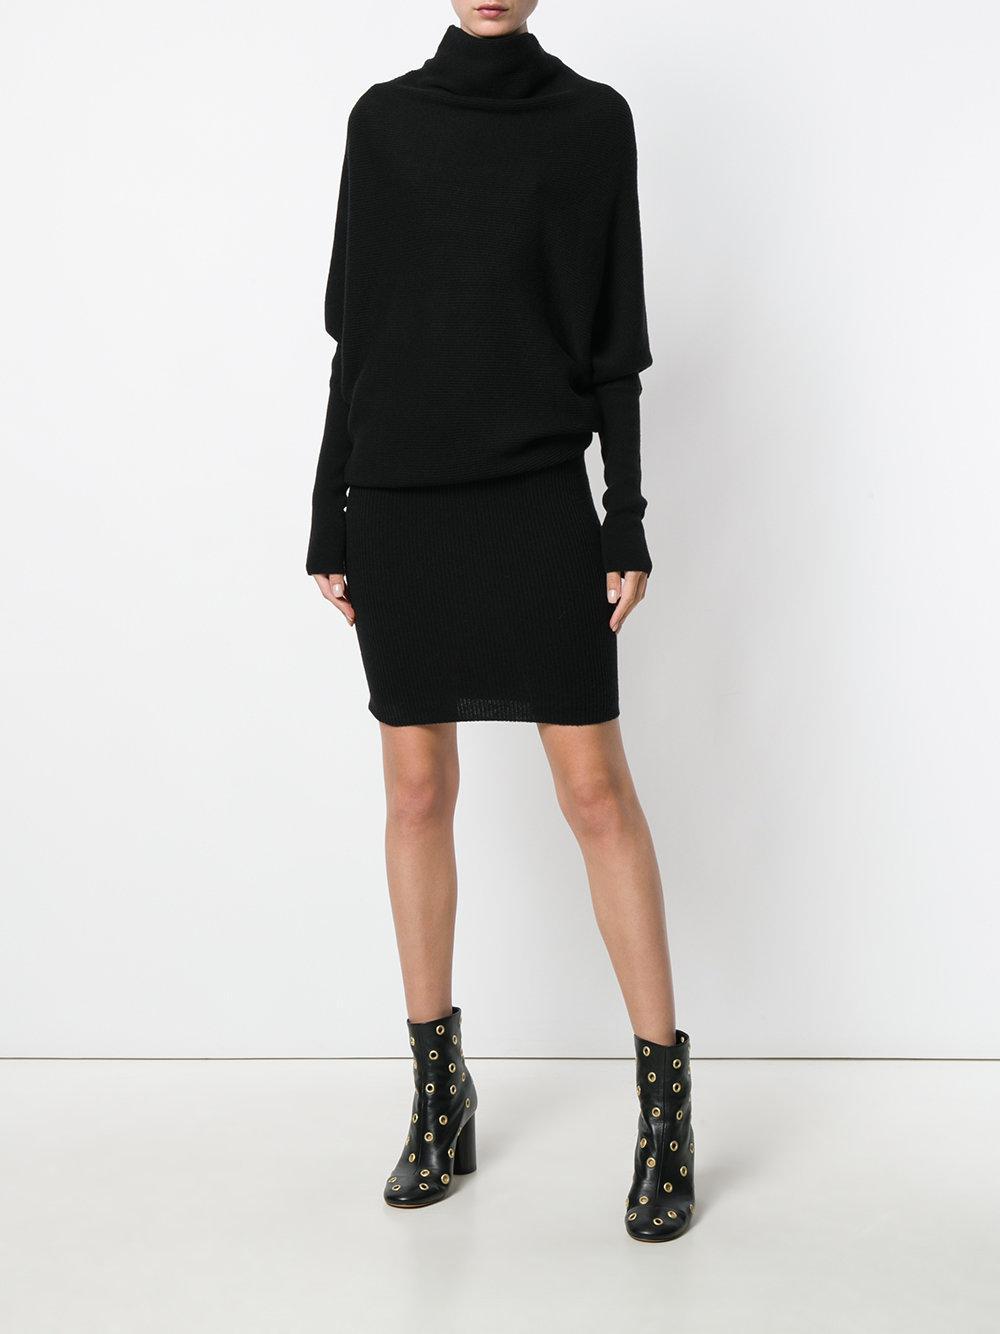 lyst allsaints loose top sweater dress in black